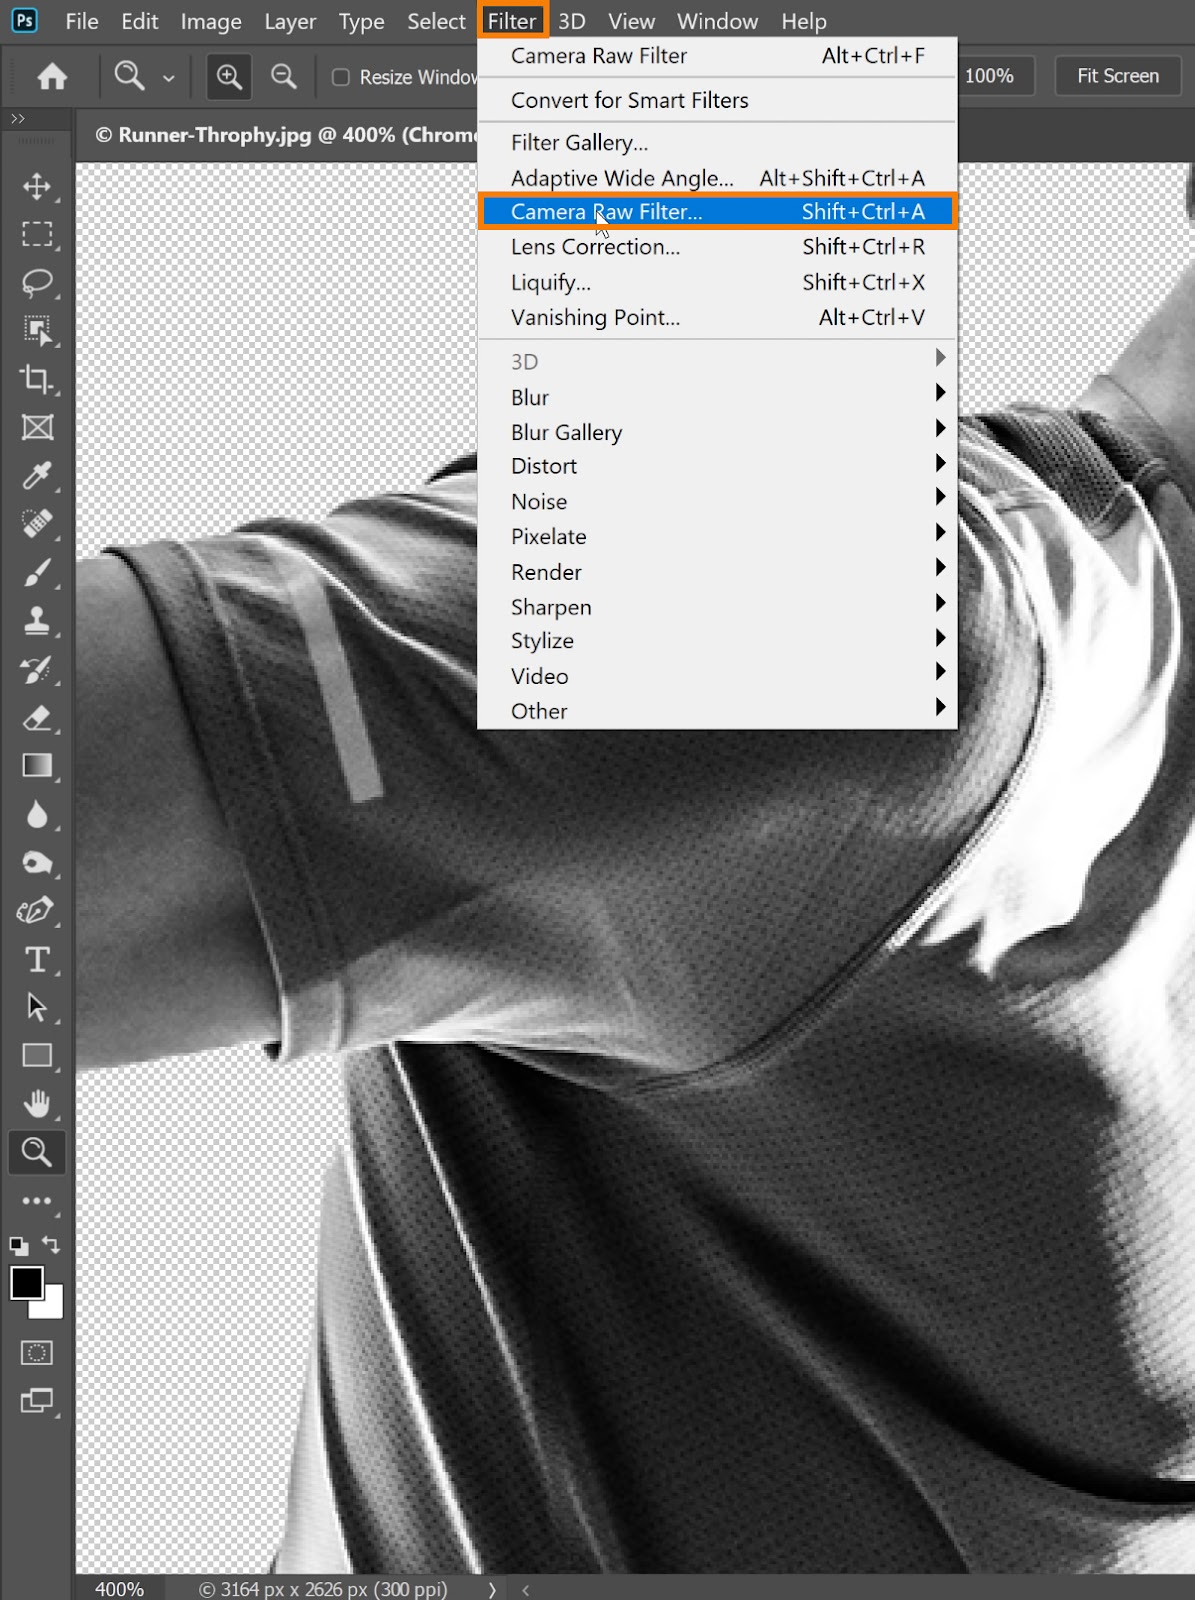 Choose Filter > Camera Raw Filter